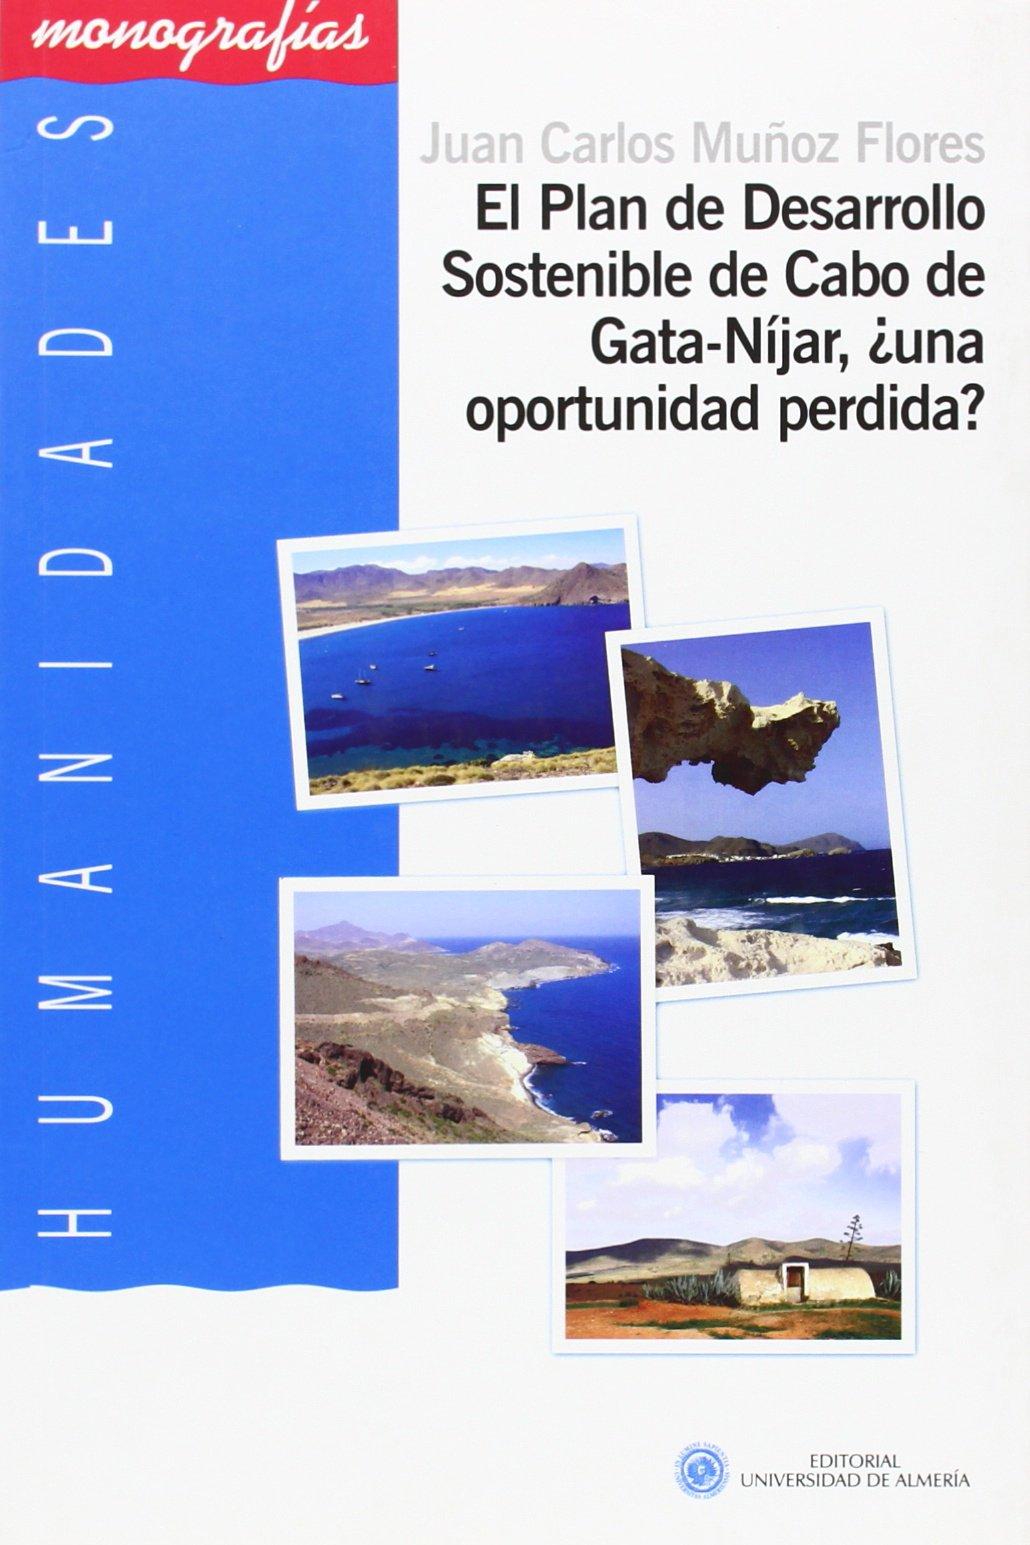 EL PLAN DE DESARROLLO SOSTENIBLE DE CABO DE GATA-NIJAR, ¿UNA OPOR TUNIDAD PERDIDA? (Spanish) Paperback – 2012